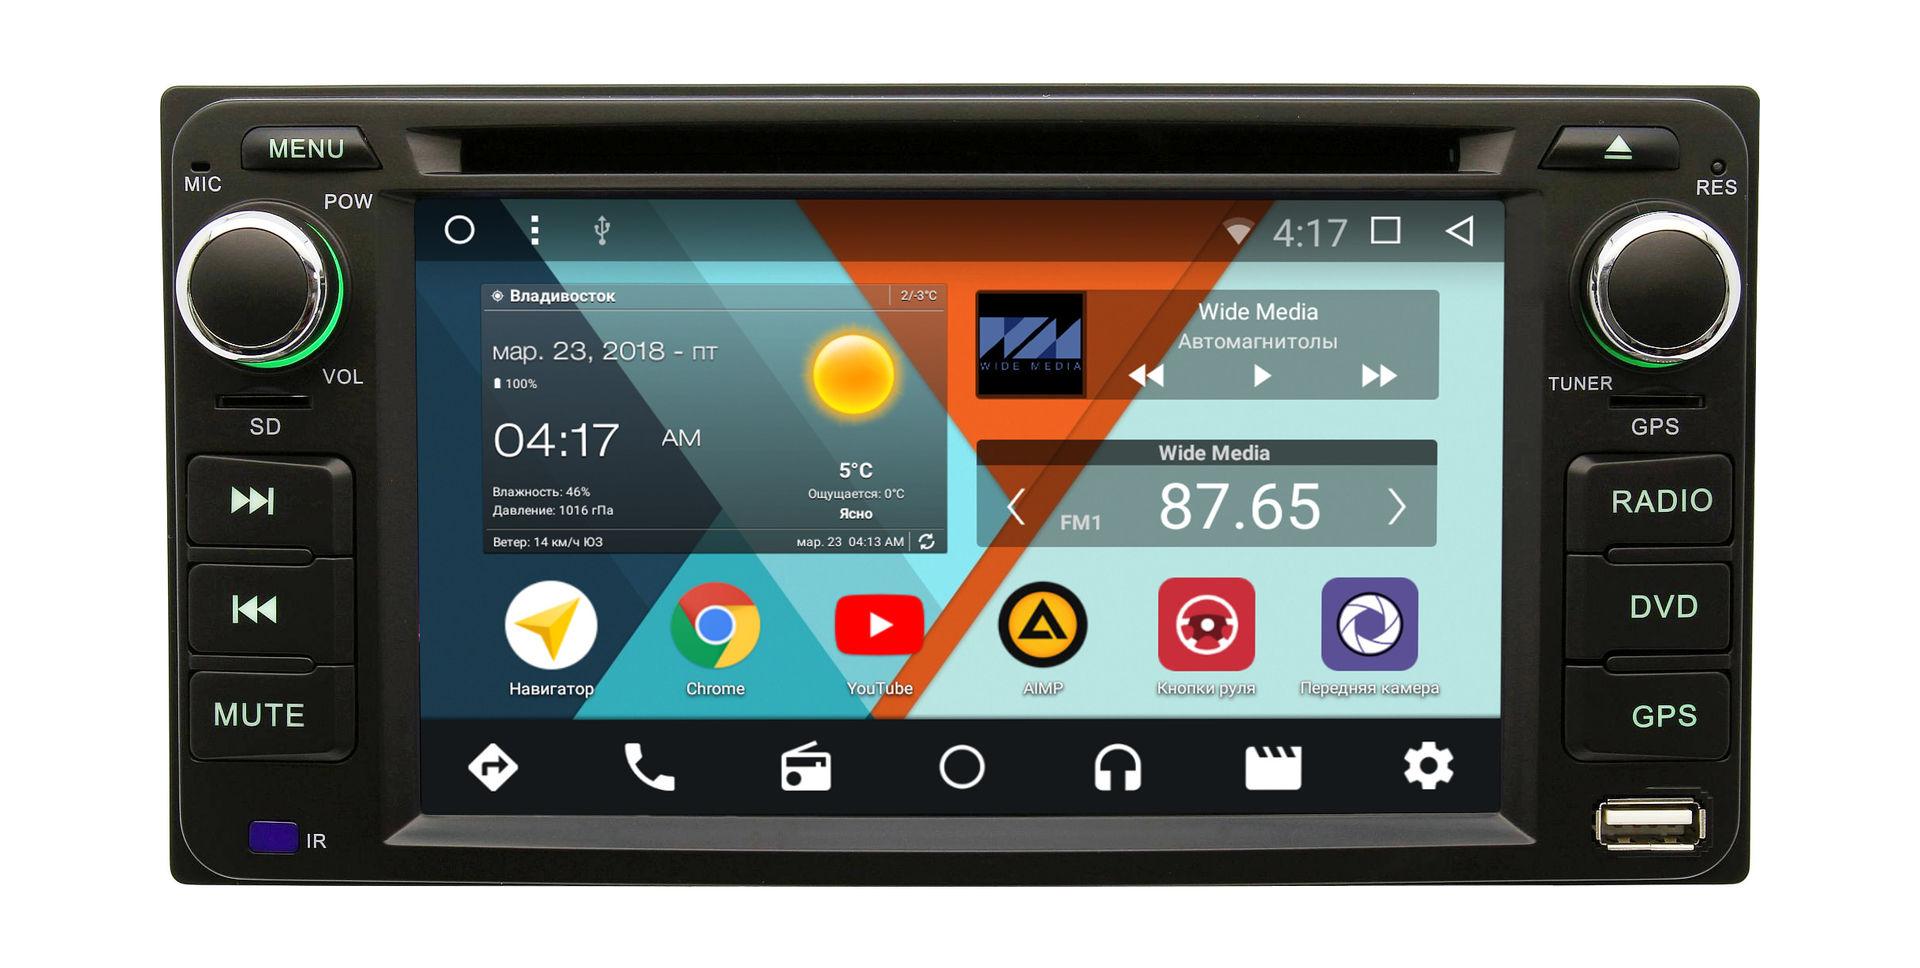 штатная магнитола wide media wm vs7a706nb 2 16 rp tyunc 43 для subaru brz trezia 2010 2016 android 7 1 2 Штатная магнитола Subaru BRZ, Trezia 2010-2016 Wide Media WM-VS6A100NB Android 7.1.2 (+ Камера заднего вида в подарок!)